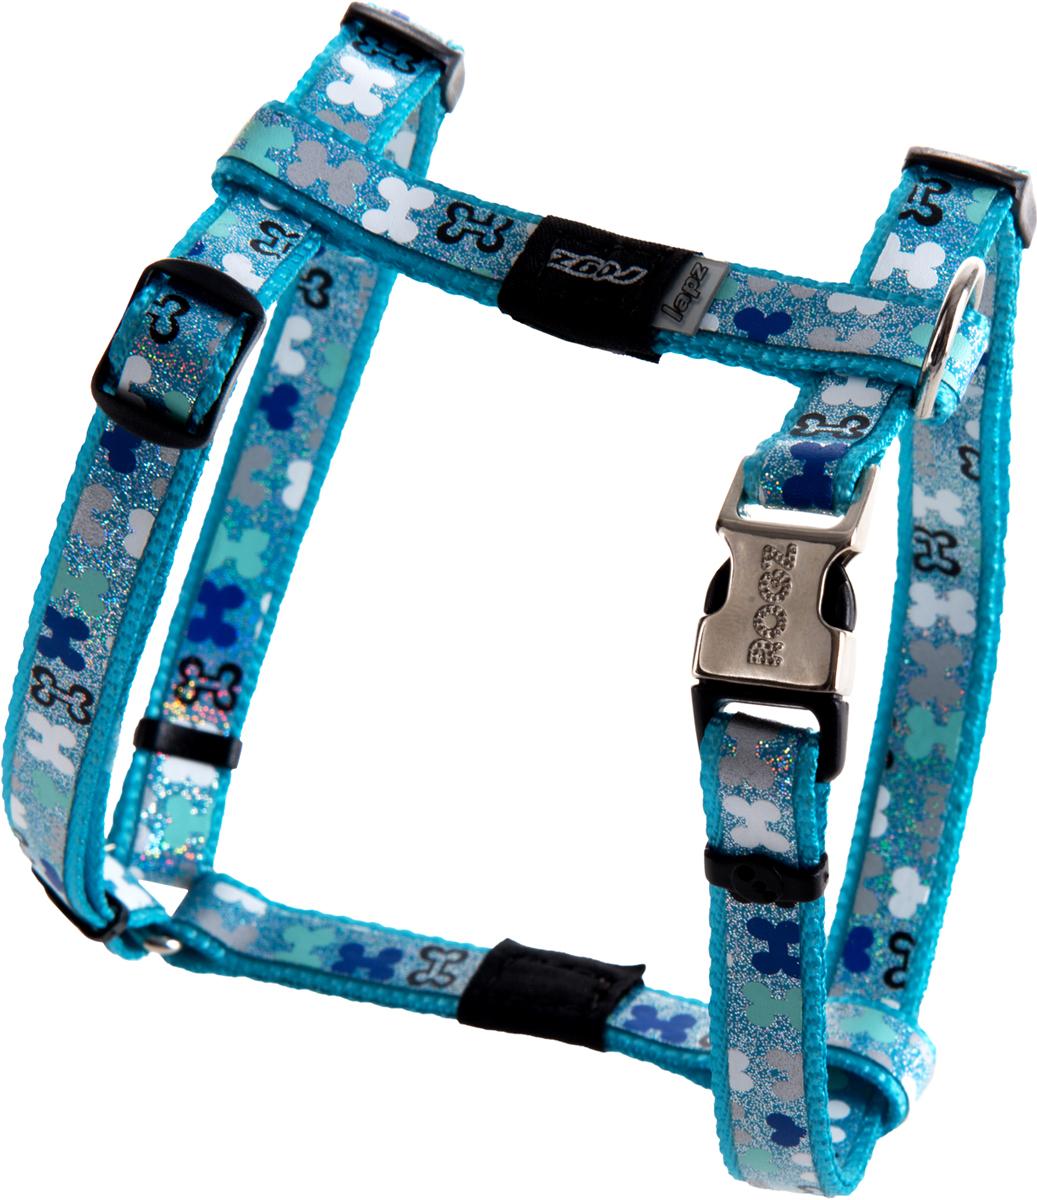 Шлейка для собак Rogz Trendy, цвет: голубой, ширина 1,2 см. Размер SSJ521BШлейка для собак Rogz Trendy обладает нежнейшей мягкостью и гибкостью.Светоотражающие материалы для обеспечения лучшей видимости собаки в темное время суток.